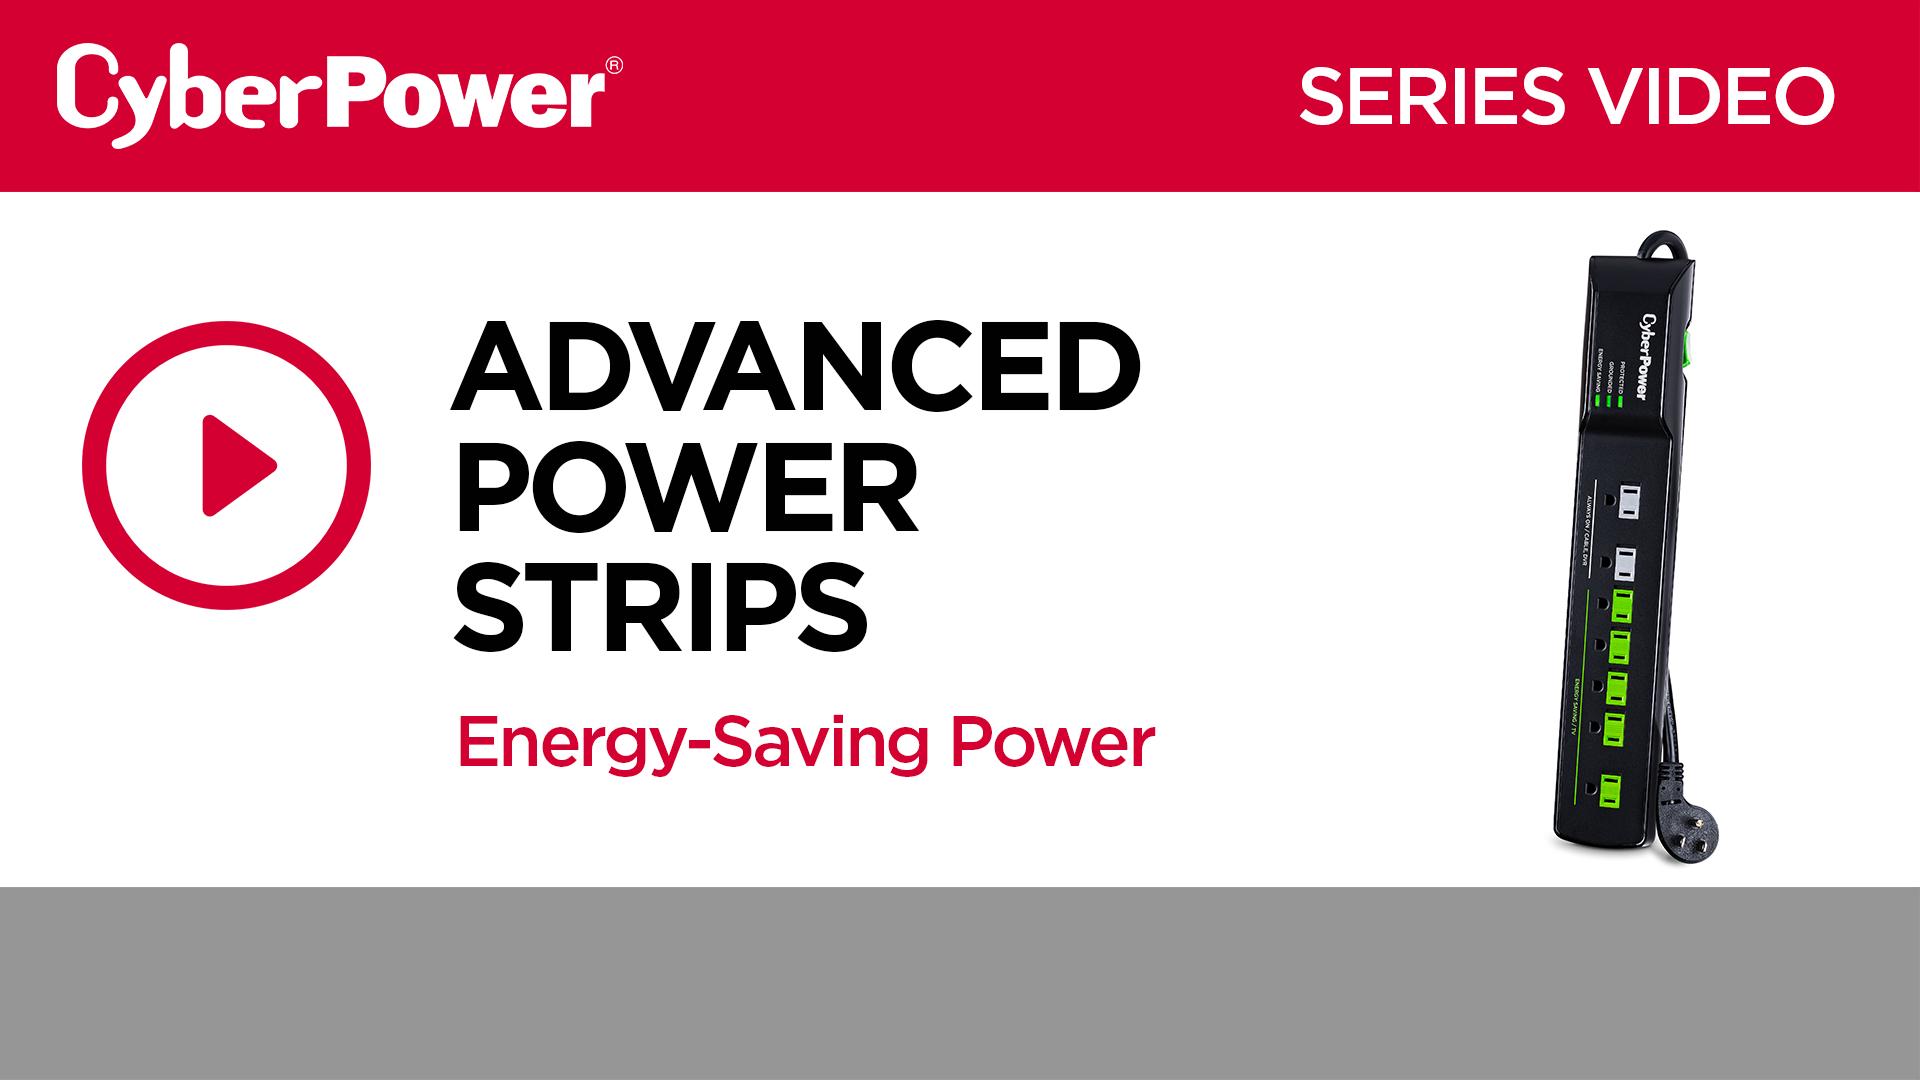 Advanced Power Strips (APS)